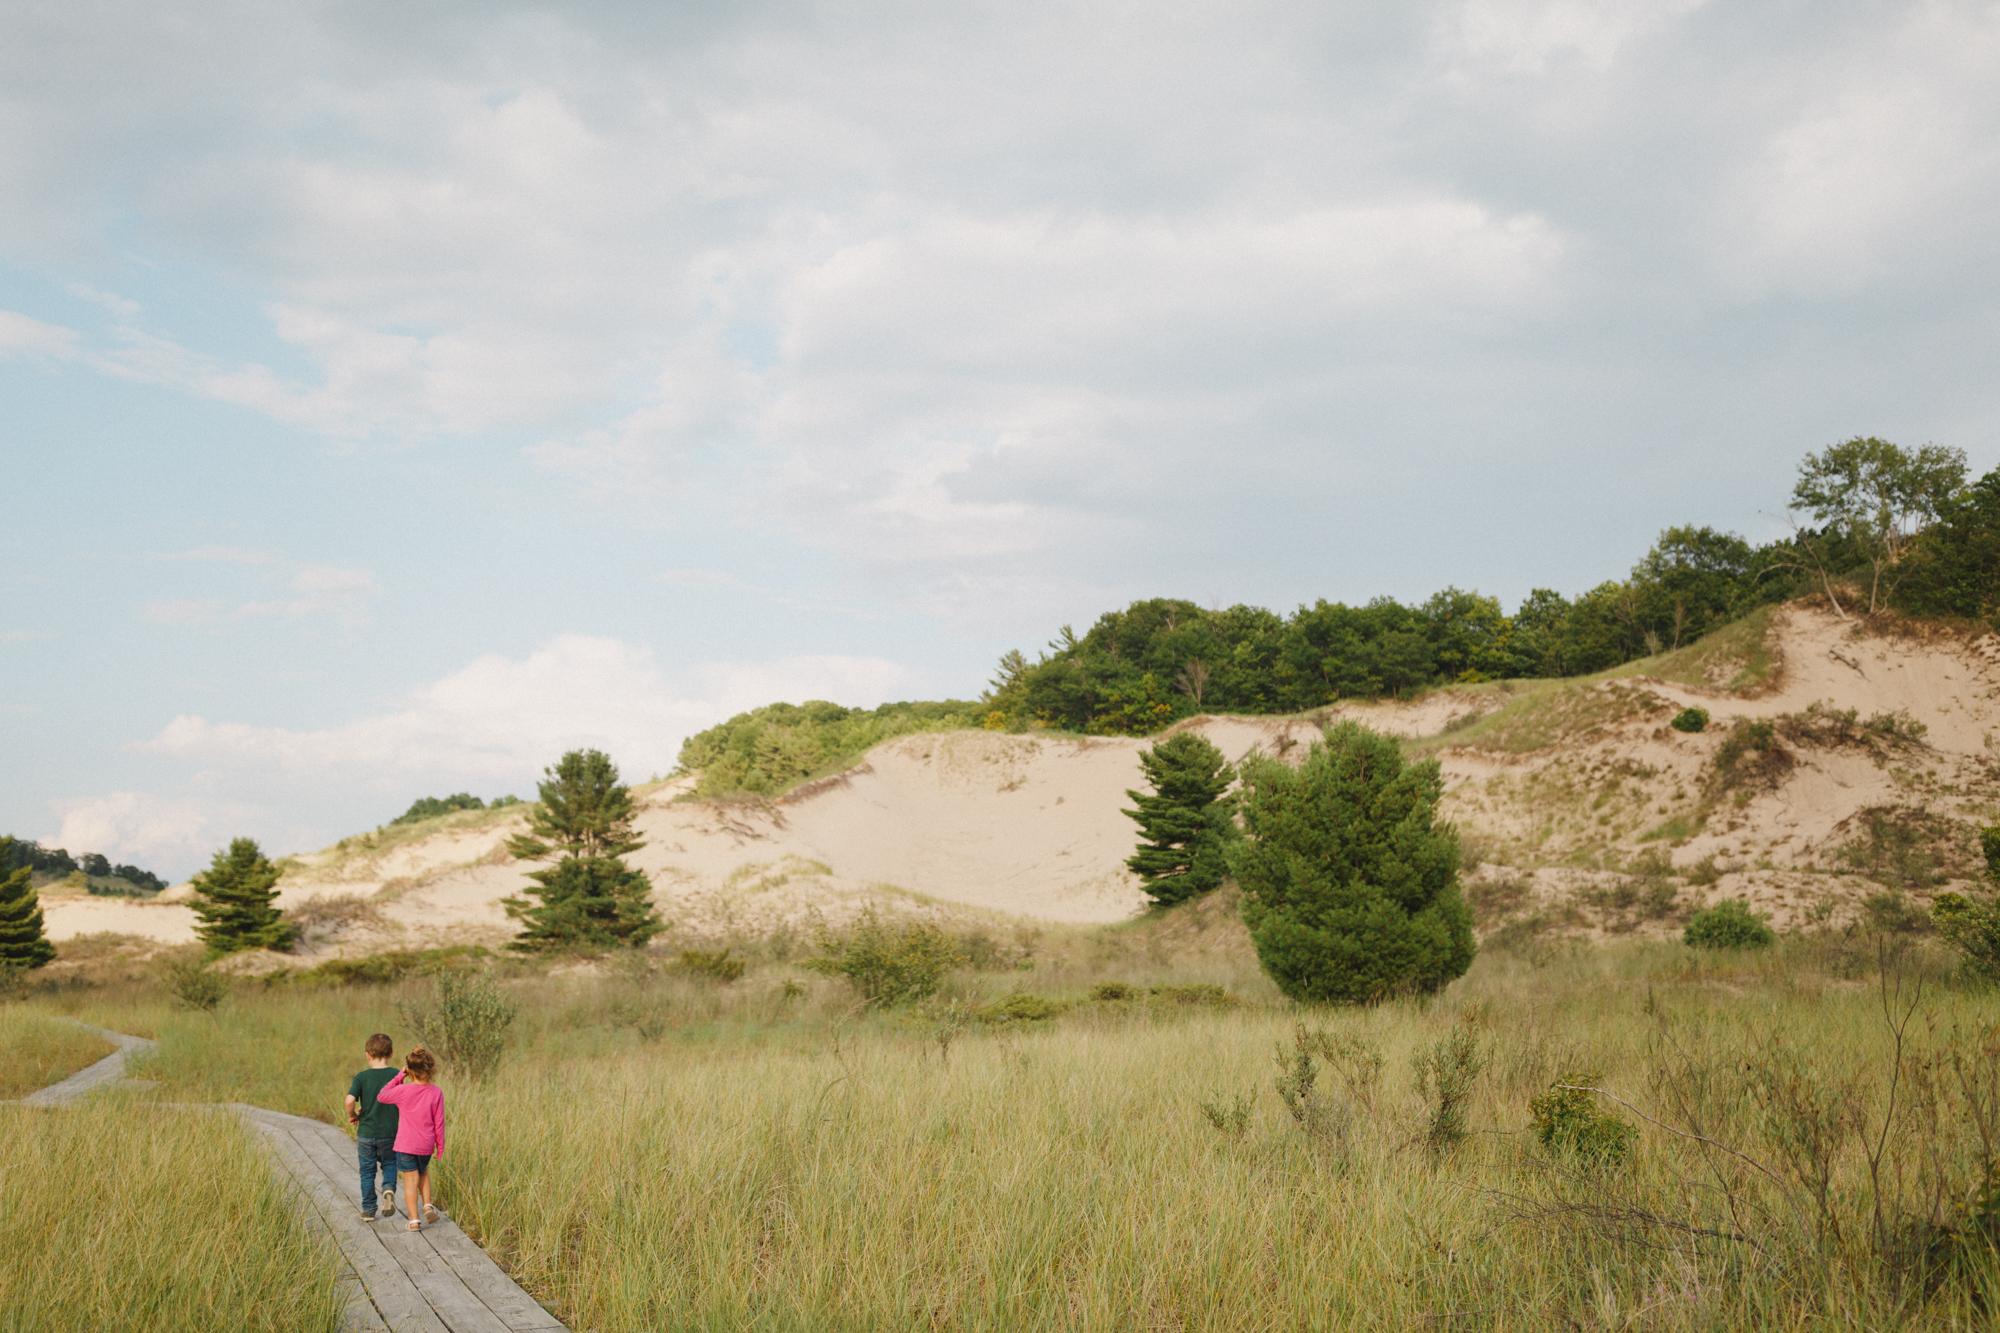 www.sarakrebsbach.com_rosy mound-19.jpg